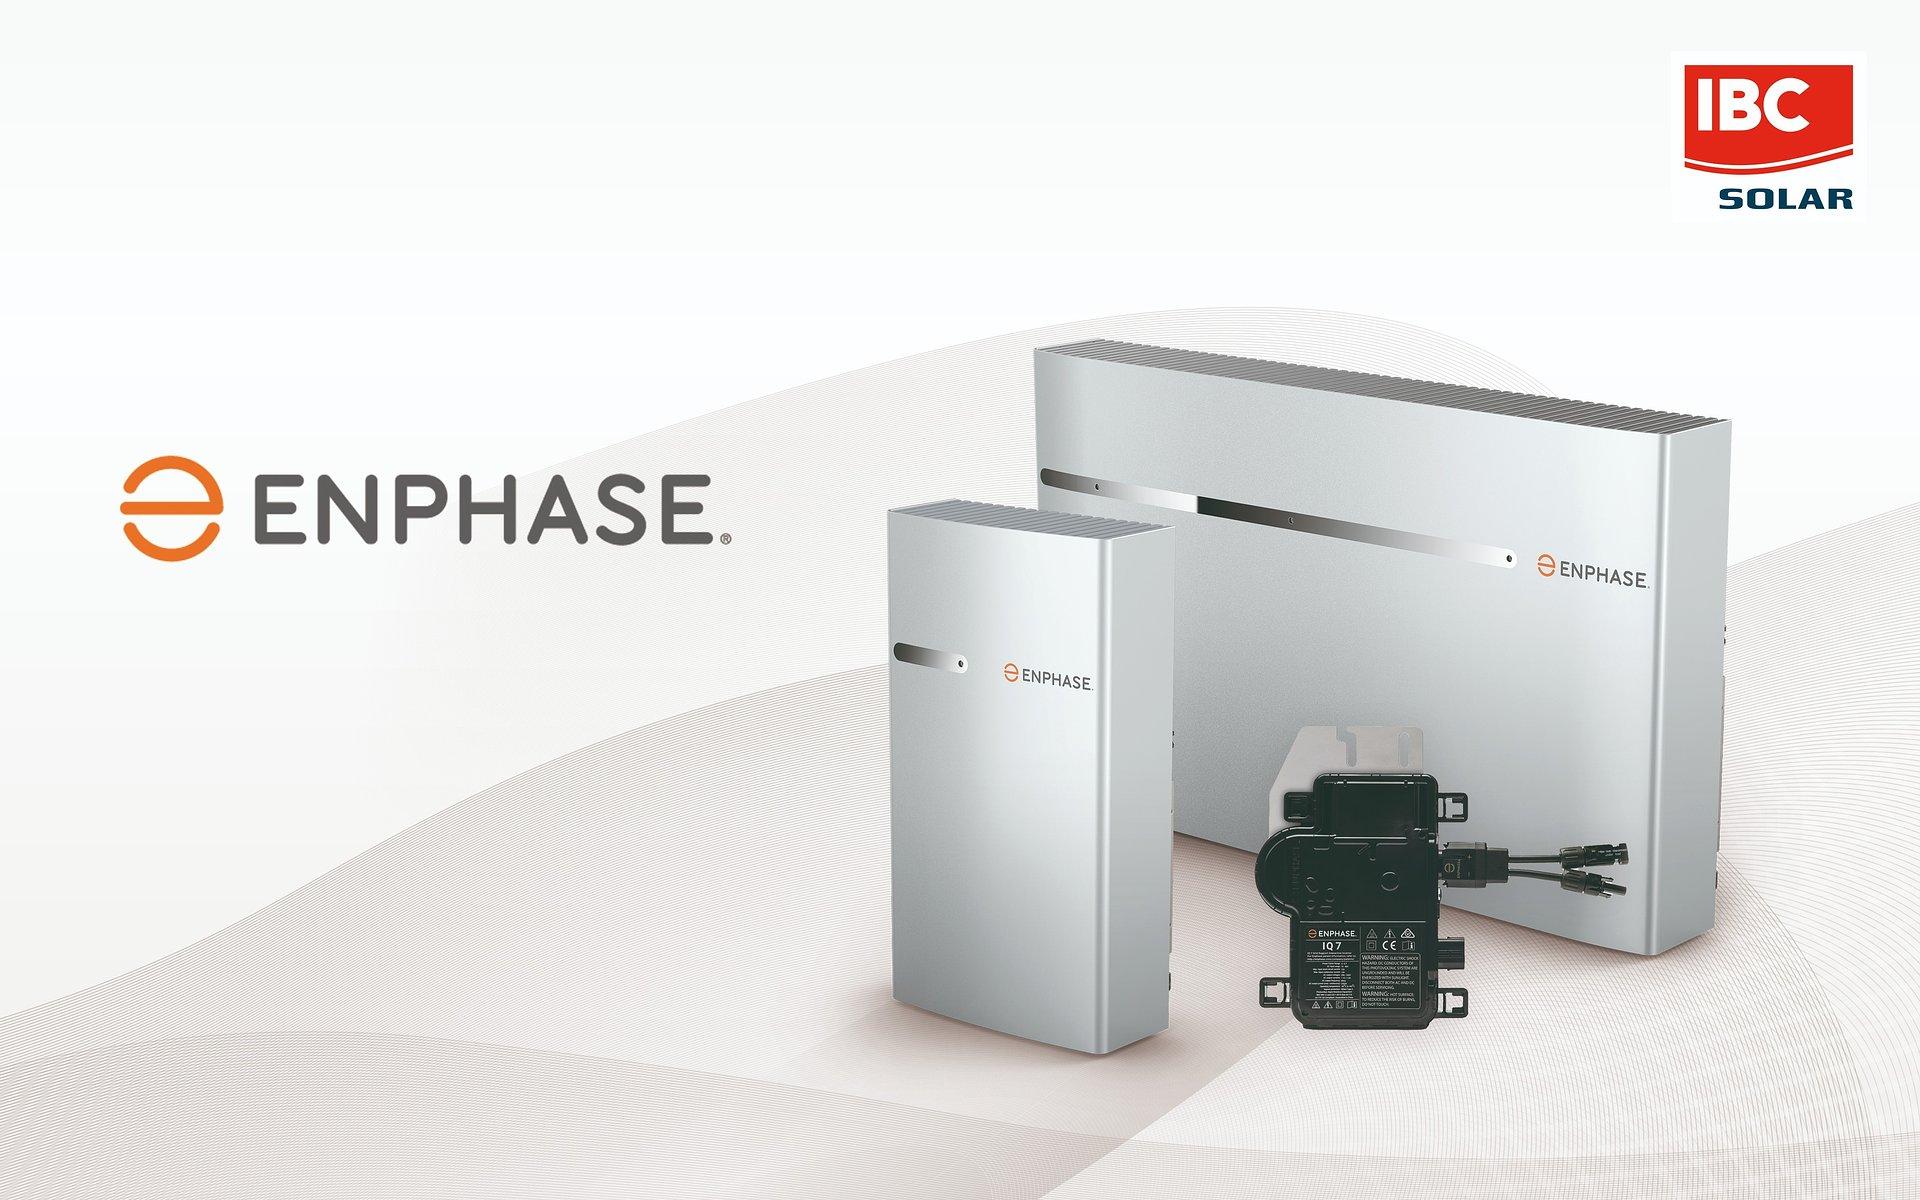 IBC SOLAR powiększa swoją ofertę o mikroinwertery i systemy magazynowania amerykańskiego producenta